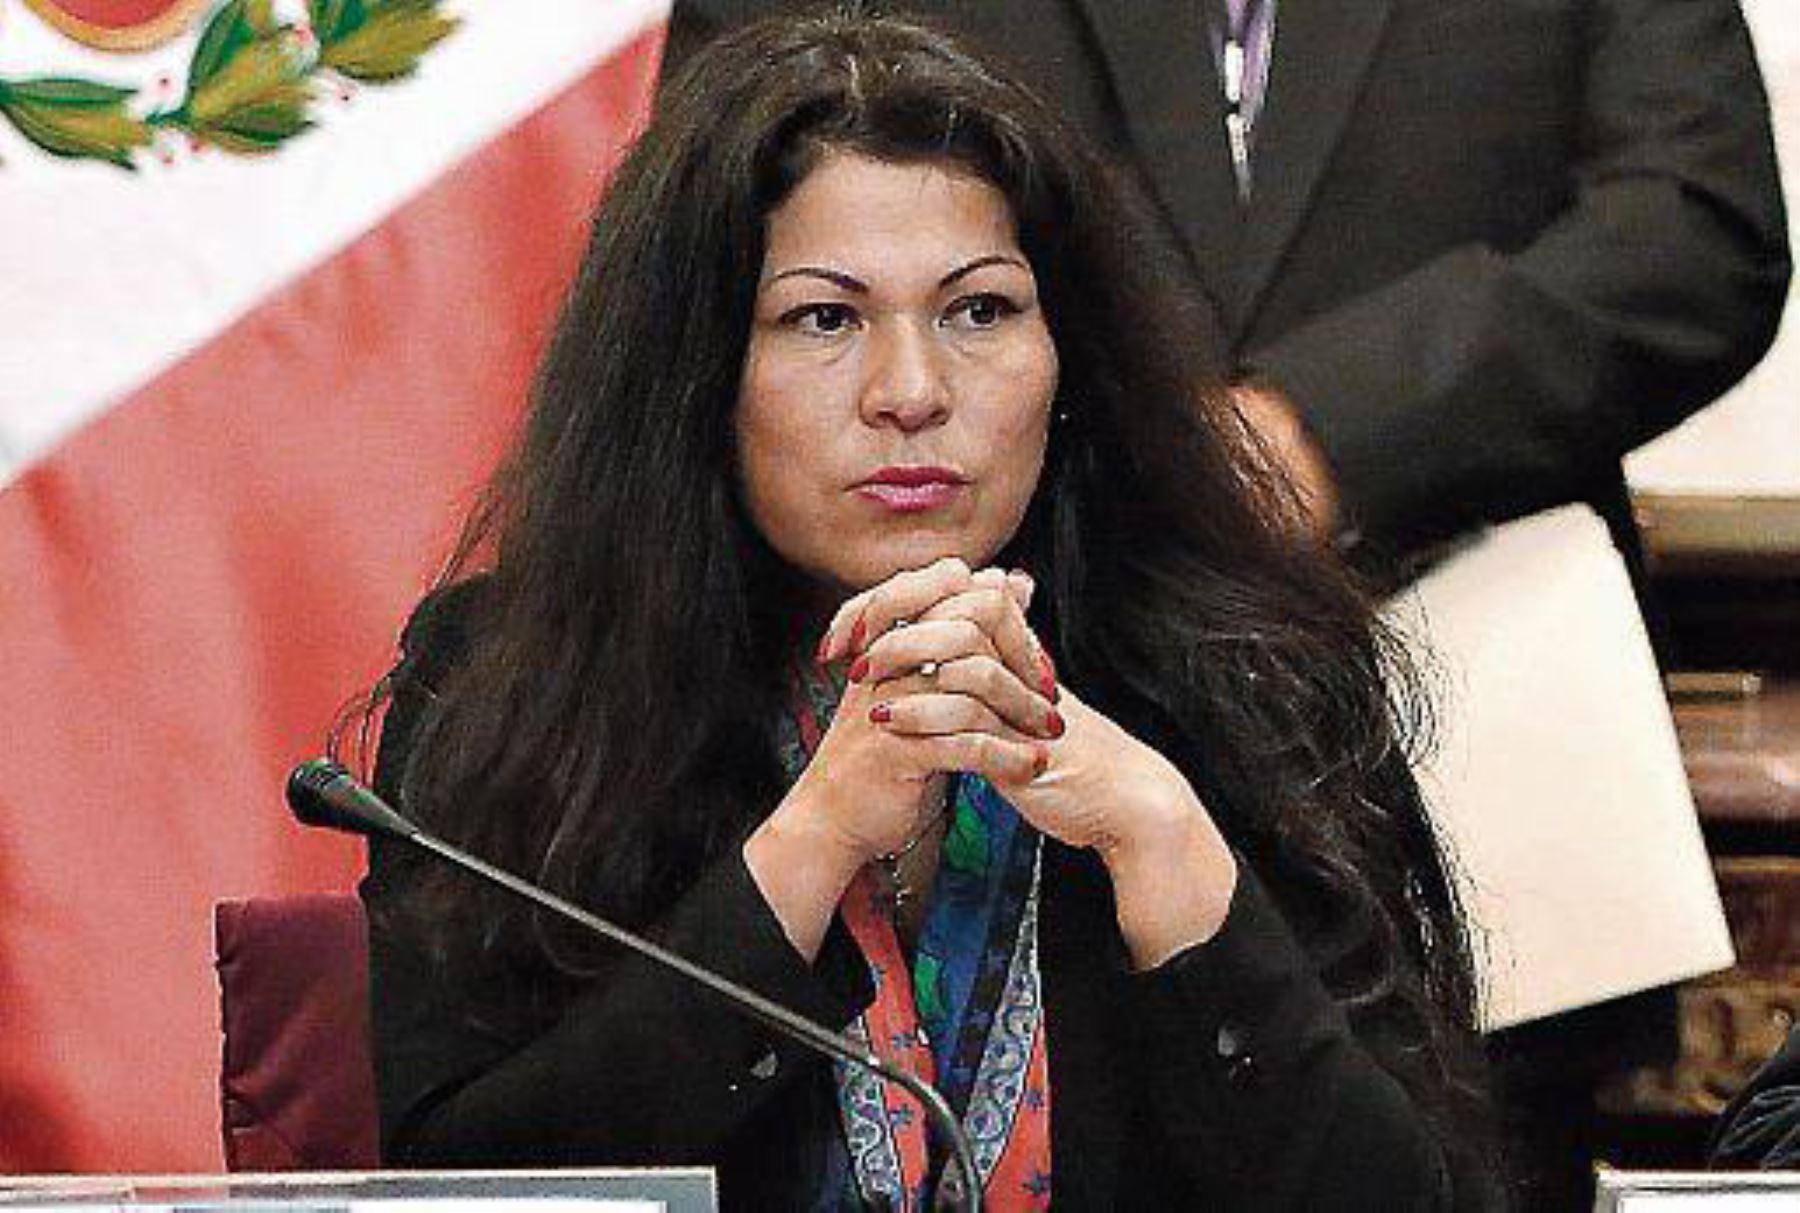 Comisión de Ética investigará a la fujimorista Yesenia Ponce